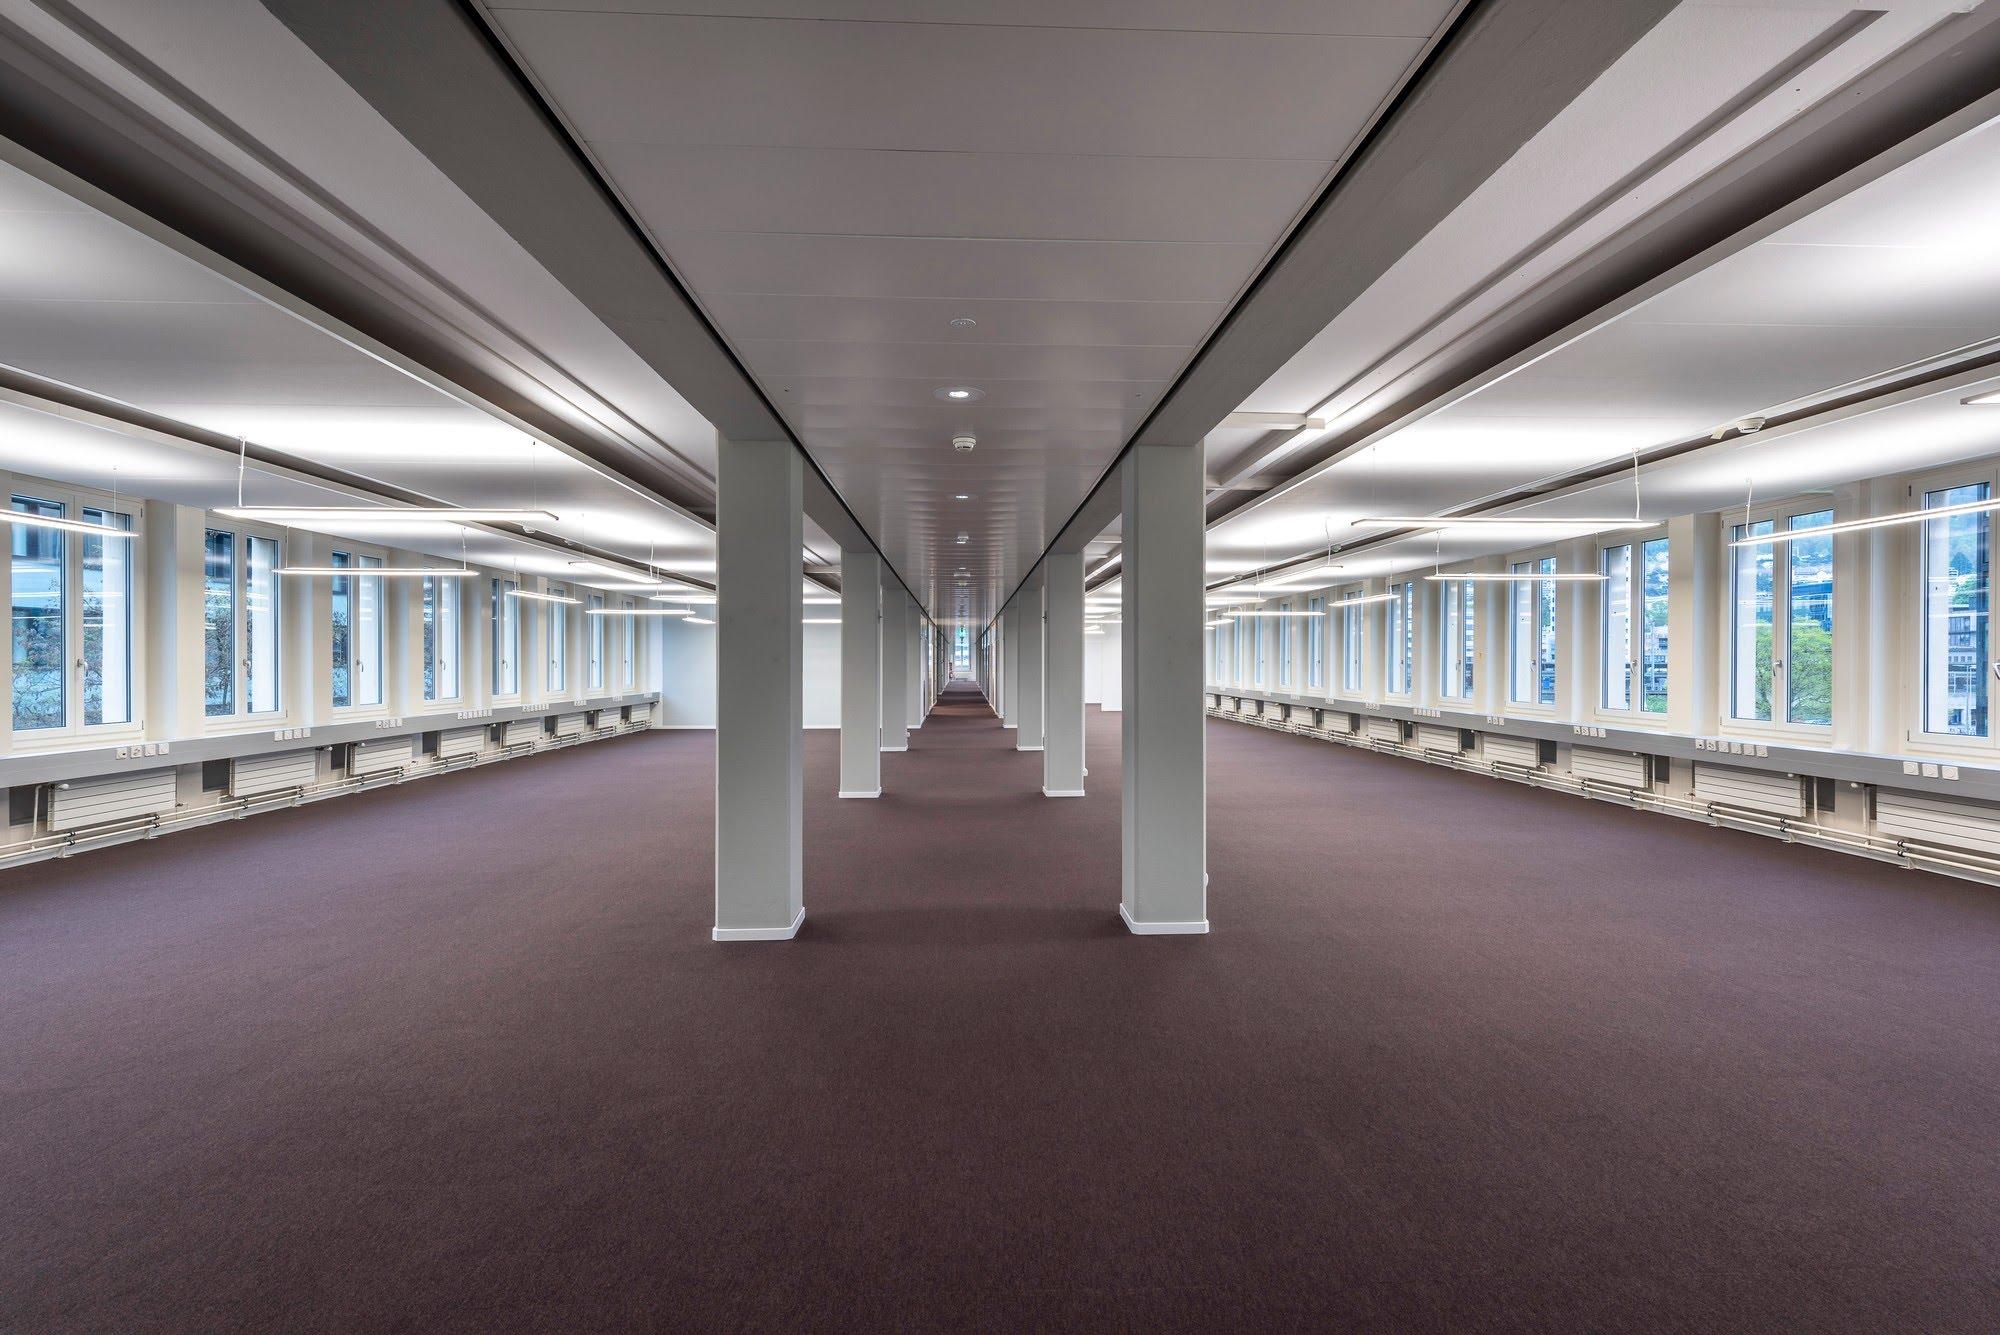 PLAFONDNOVA AG :: Ihr Partner für Decken & Wandsysteme, Trennwände Büro, Ganzglaswände, Bürotrennwand, Akustikdecken, Schallschutzdecken, Trennwände, Glaswände, Faltwände, Raumgestaltung, Trennwand Systeme